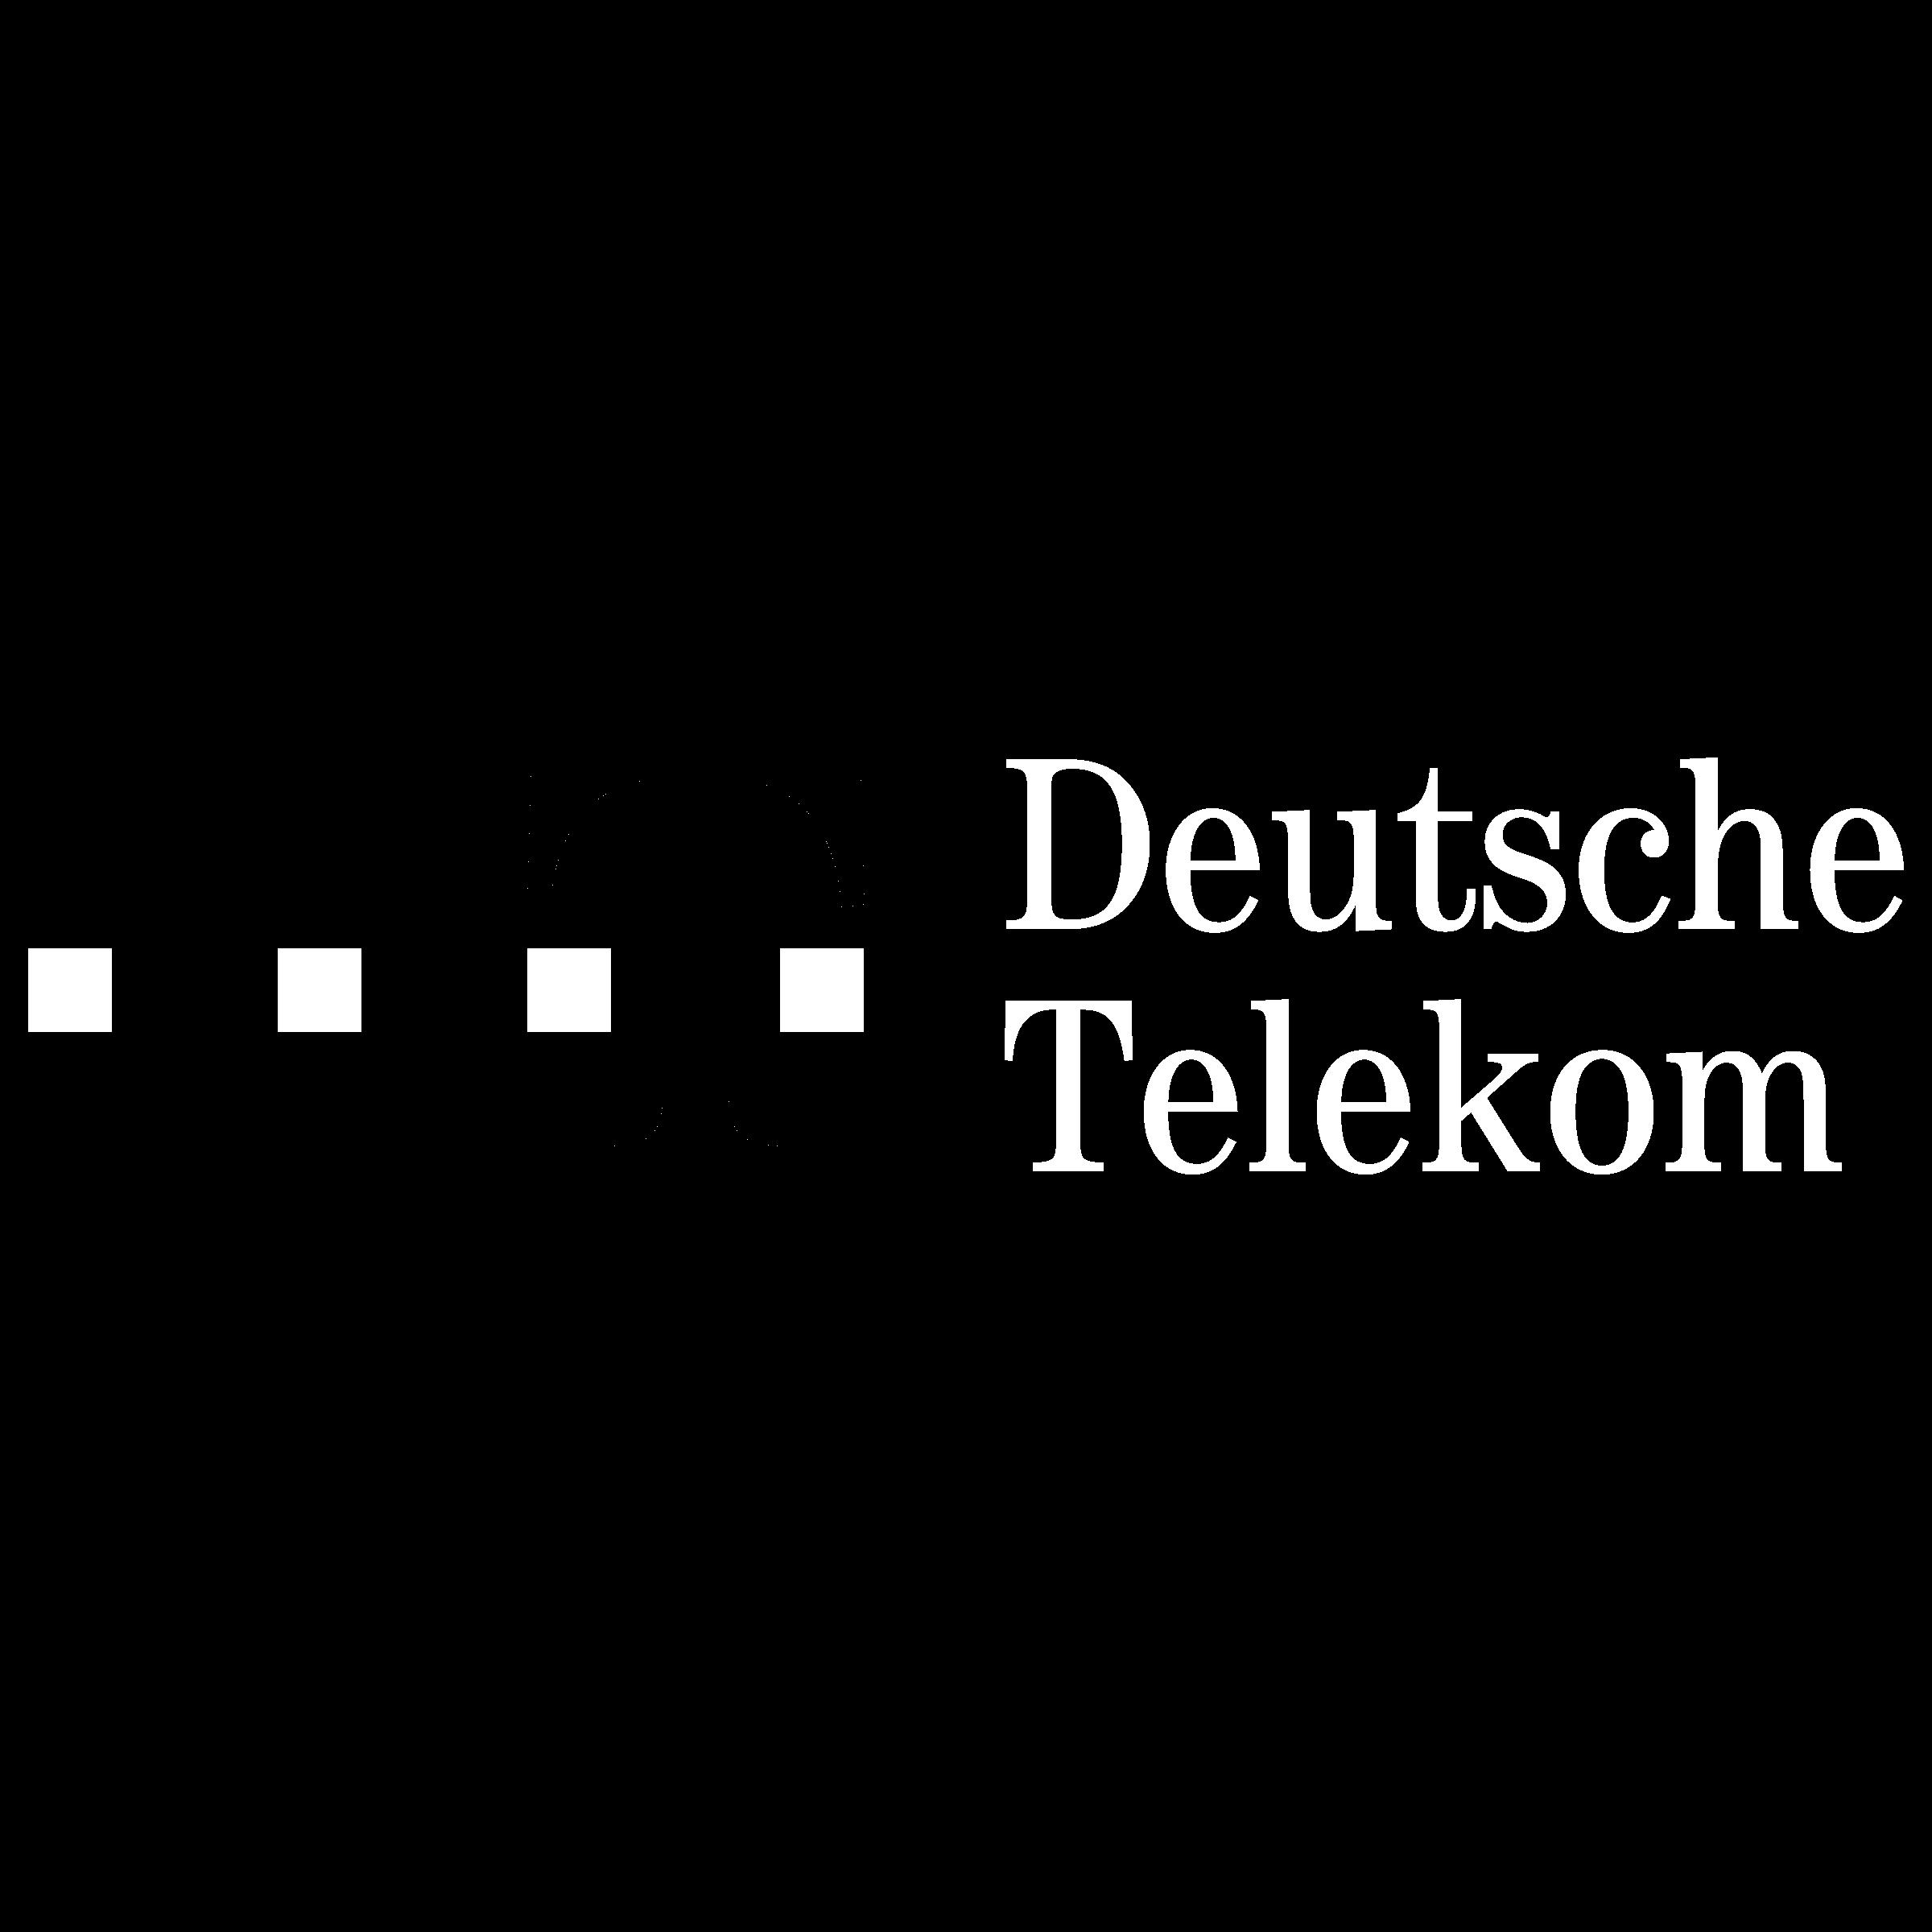 Deutsche Telekom Logo Png Transparent Svg Vector Freebie Supply